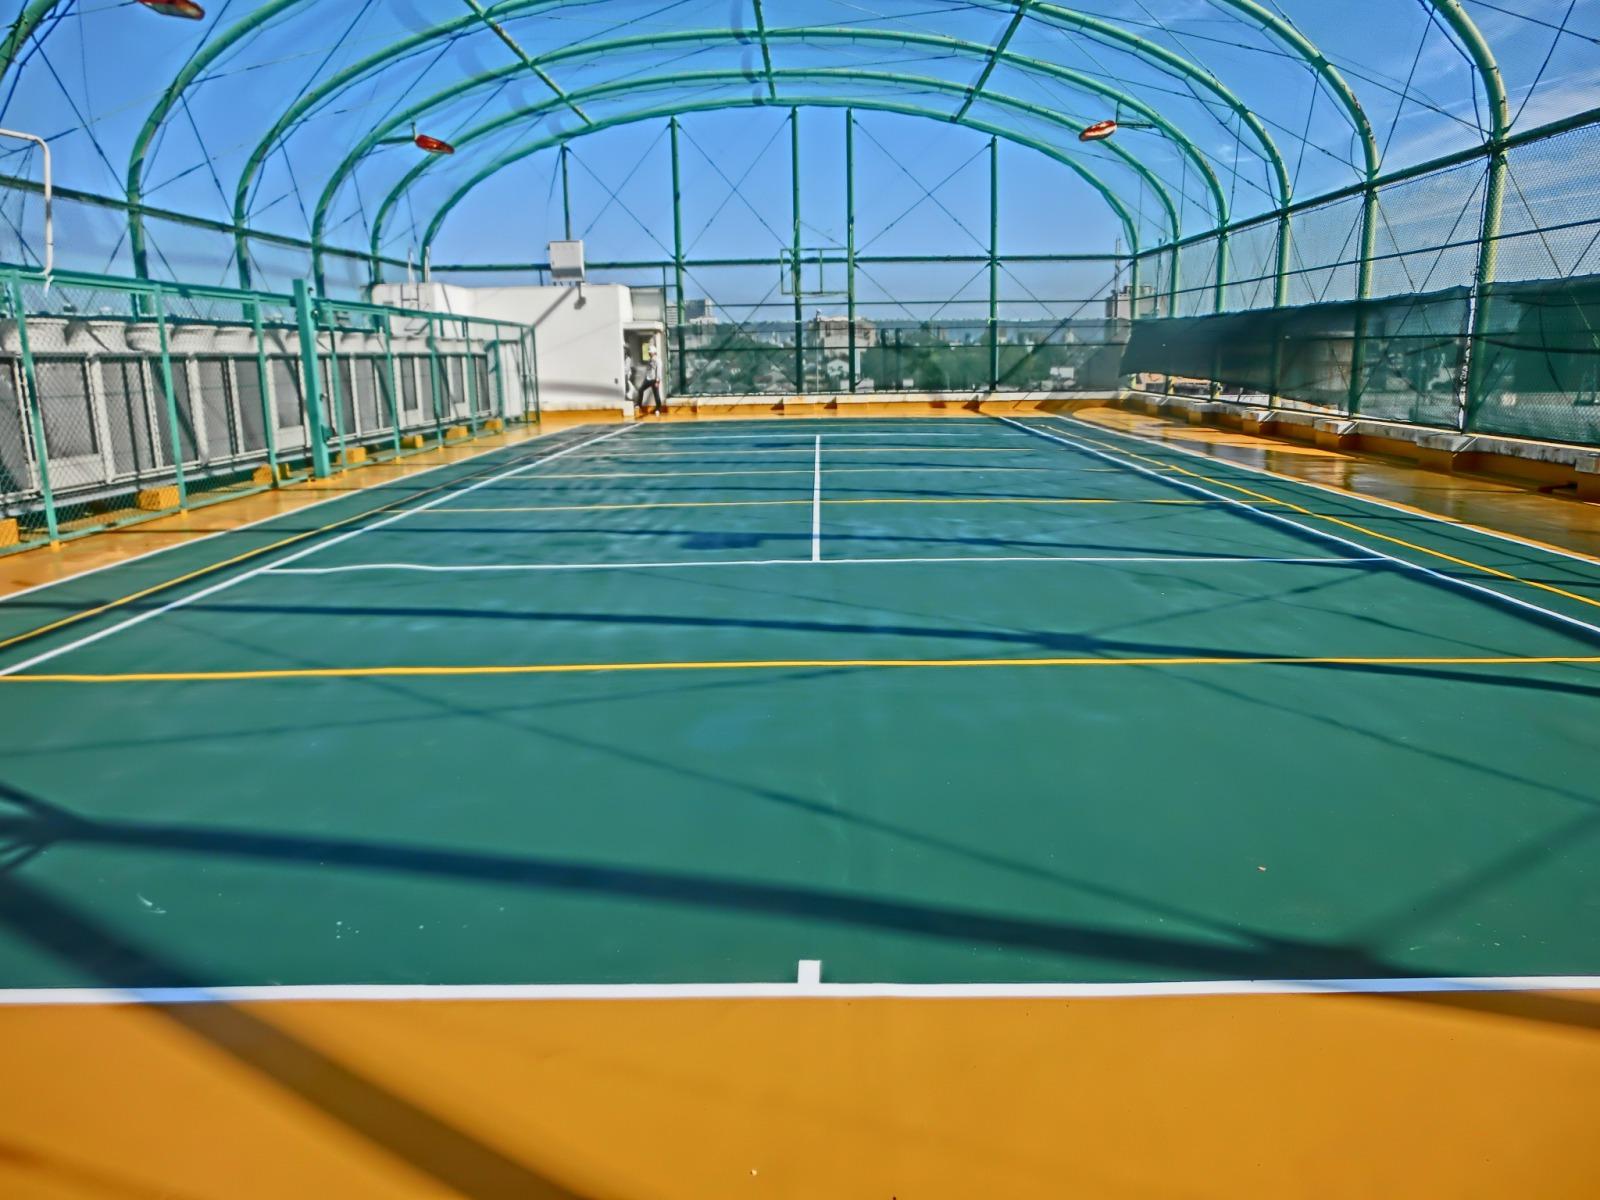 某企業社屋屋上テニスコート 福利厚生施設(愛知県)